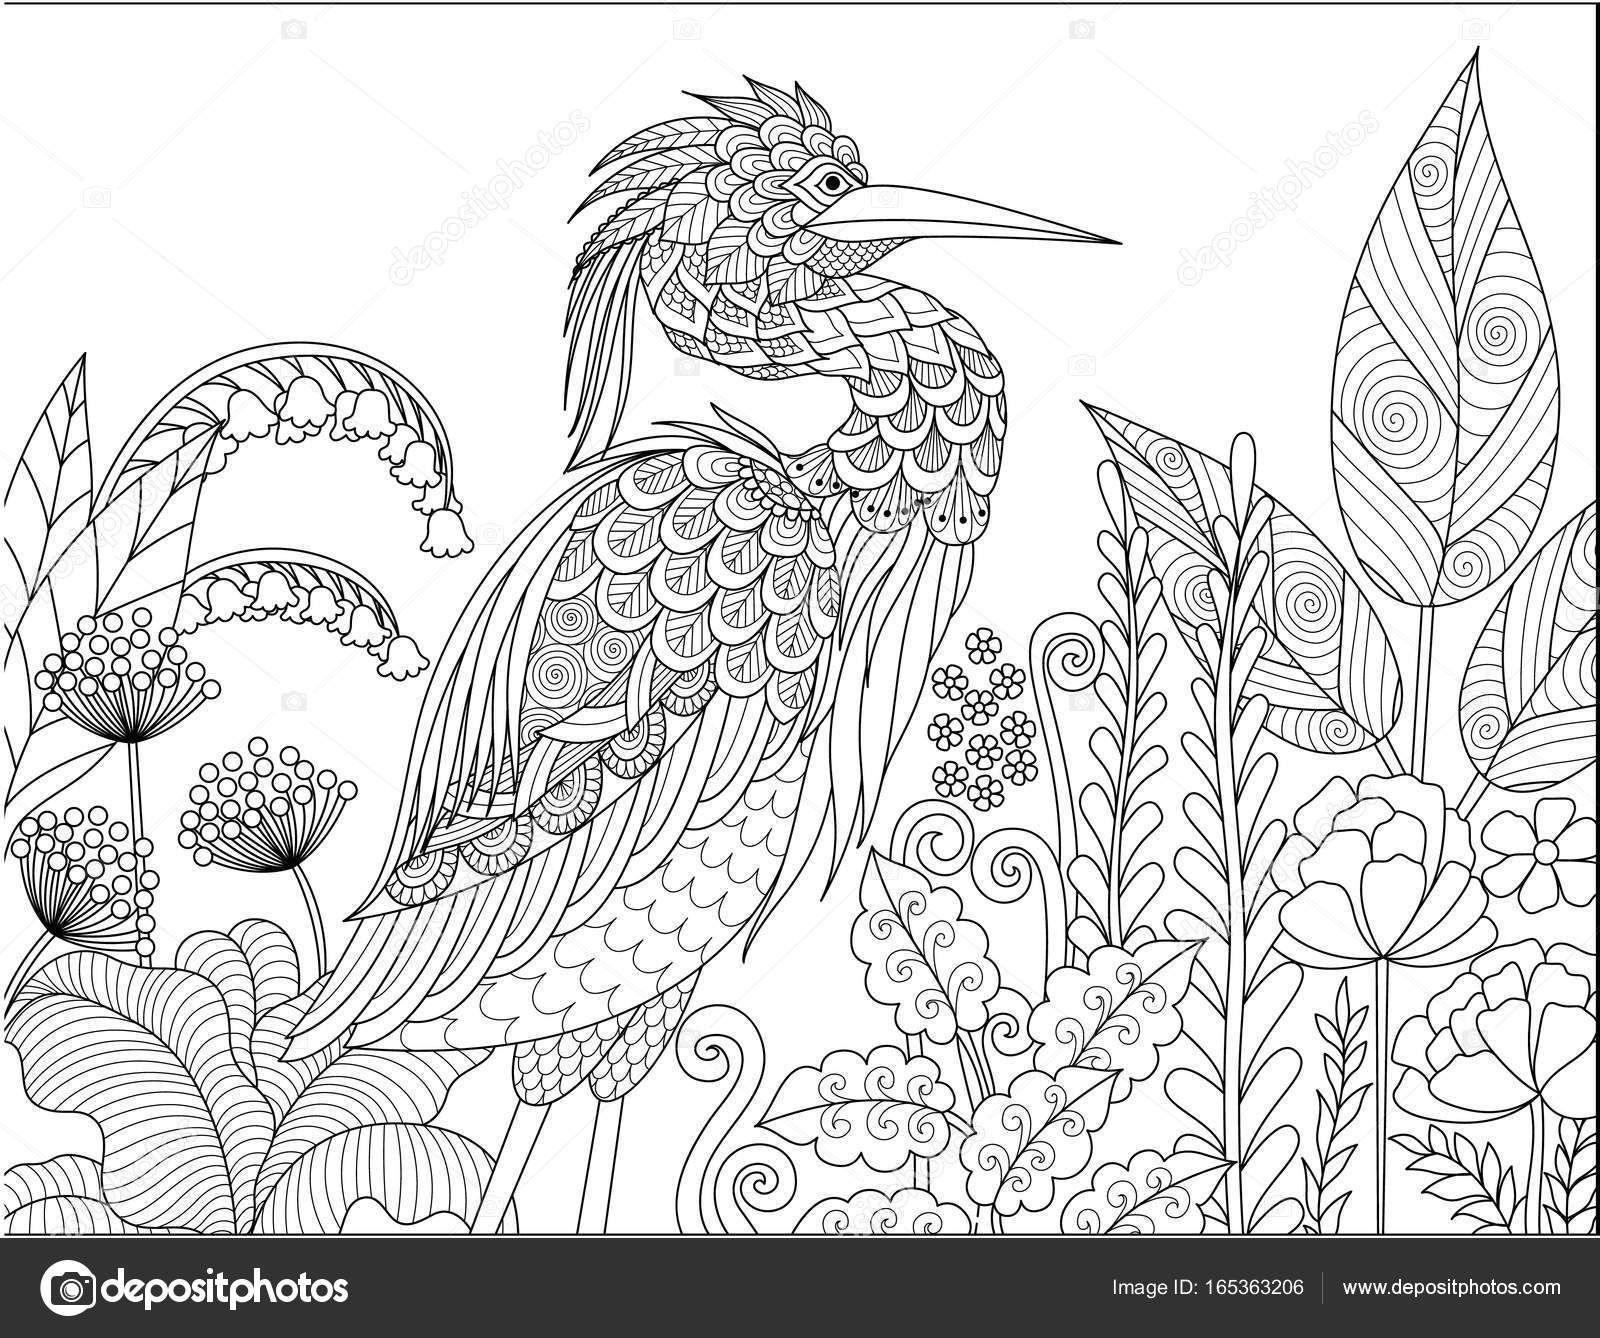 Descargar - Pájaro gris Garza en el bosque para adulto para colorear ...